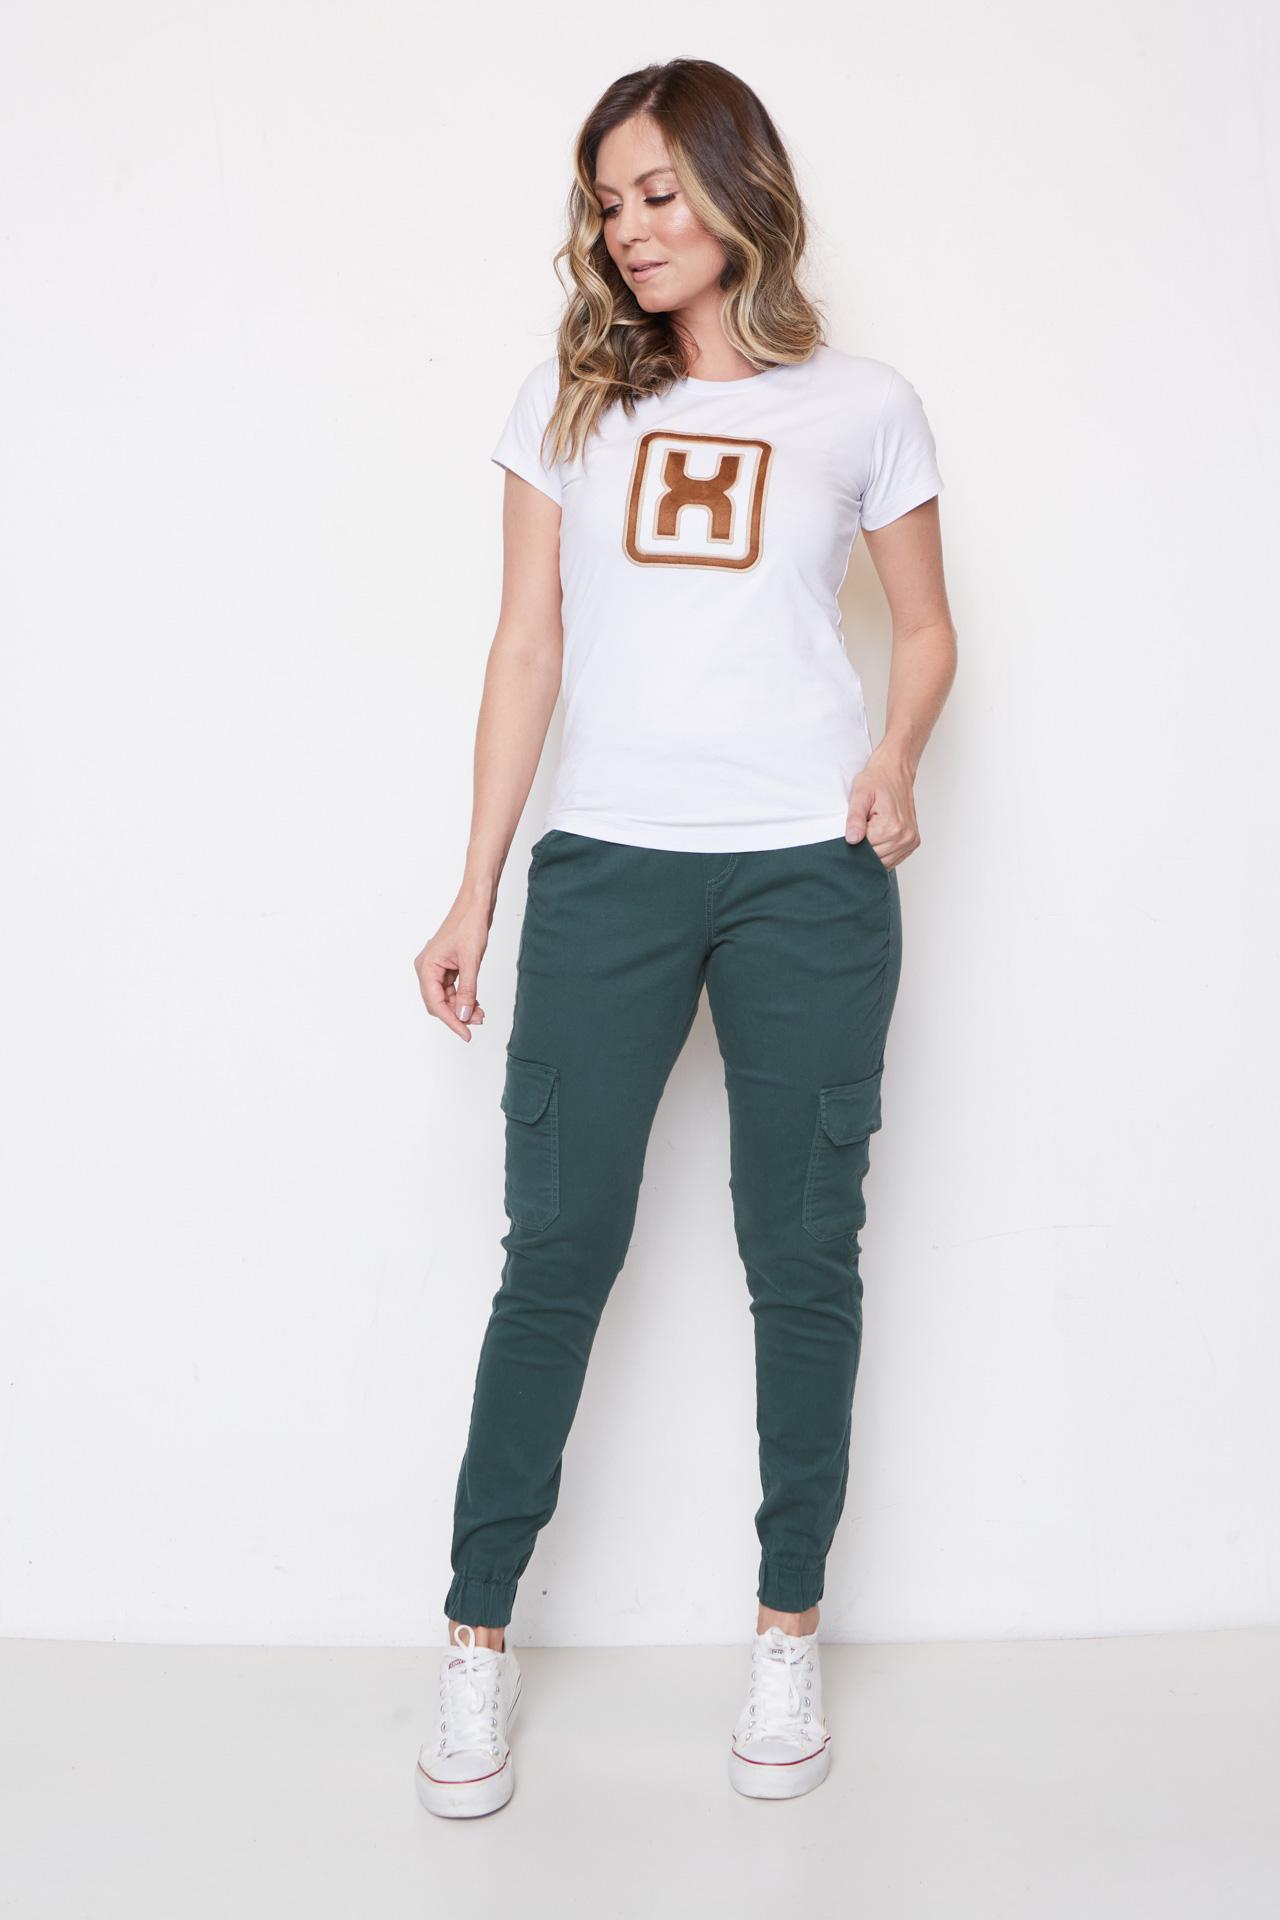 Camiseta Feminina TXC 4914